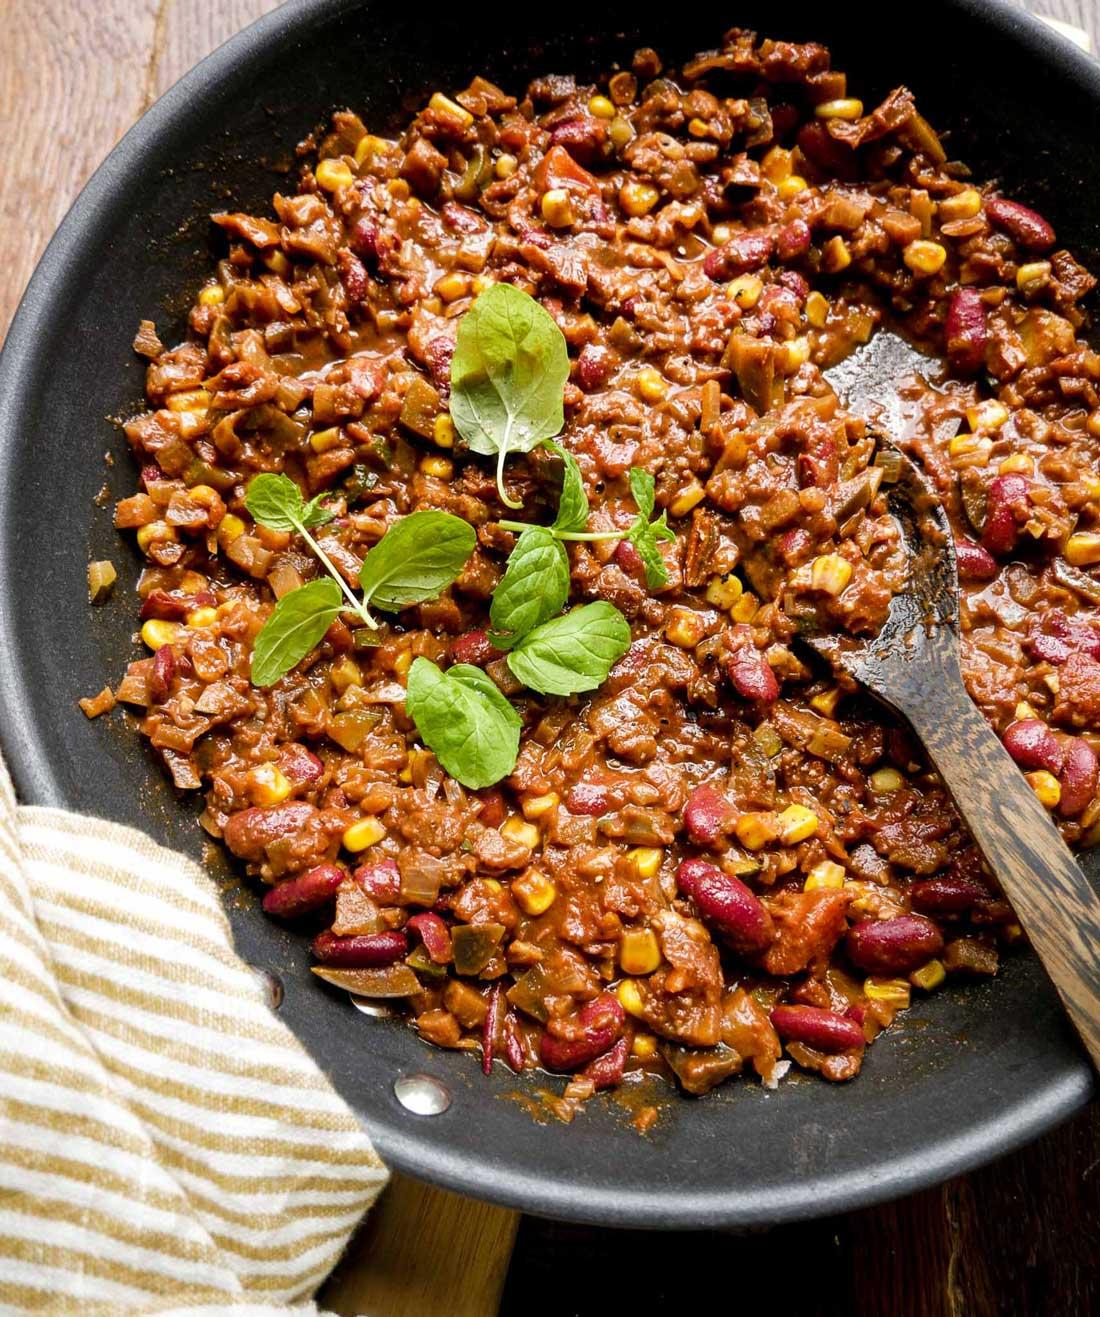 vegansk taco kød med bønner og grøntsager